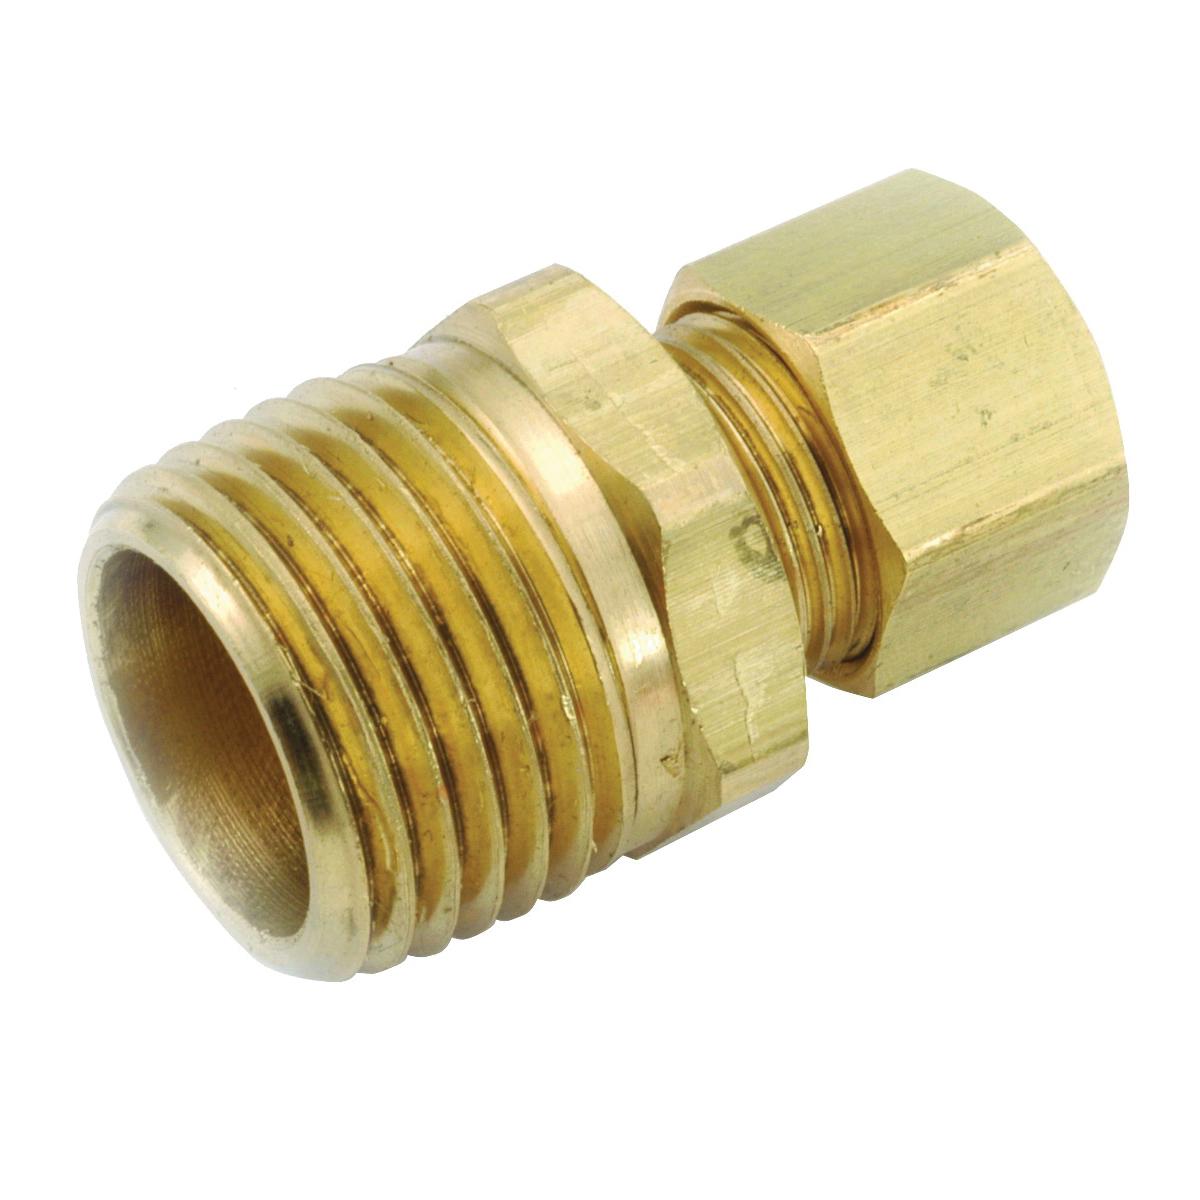 Anderson Metals 750068-0806